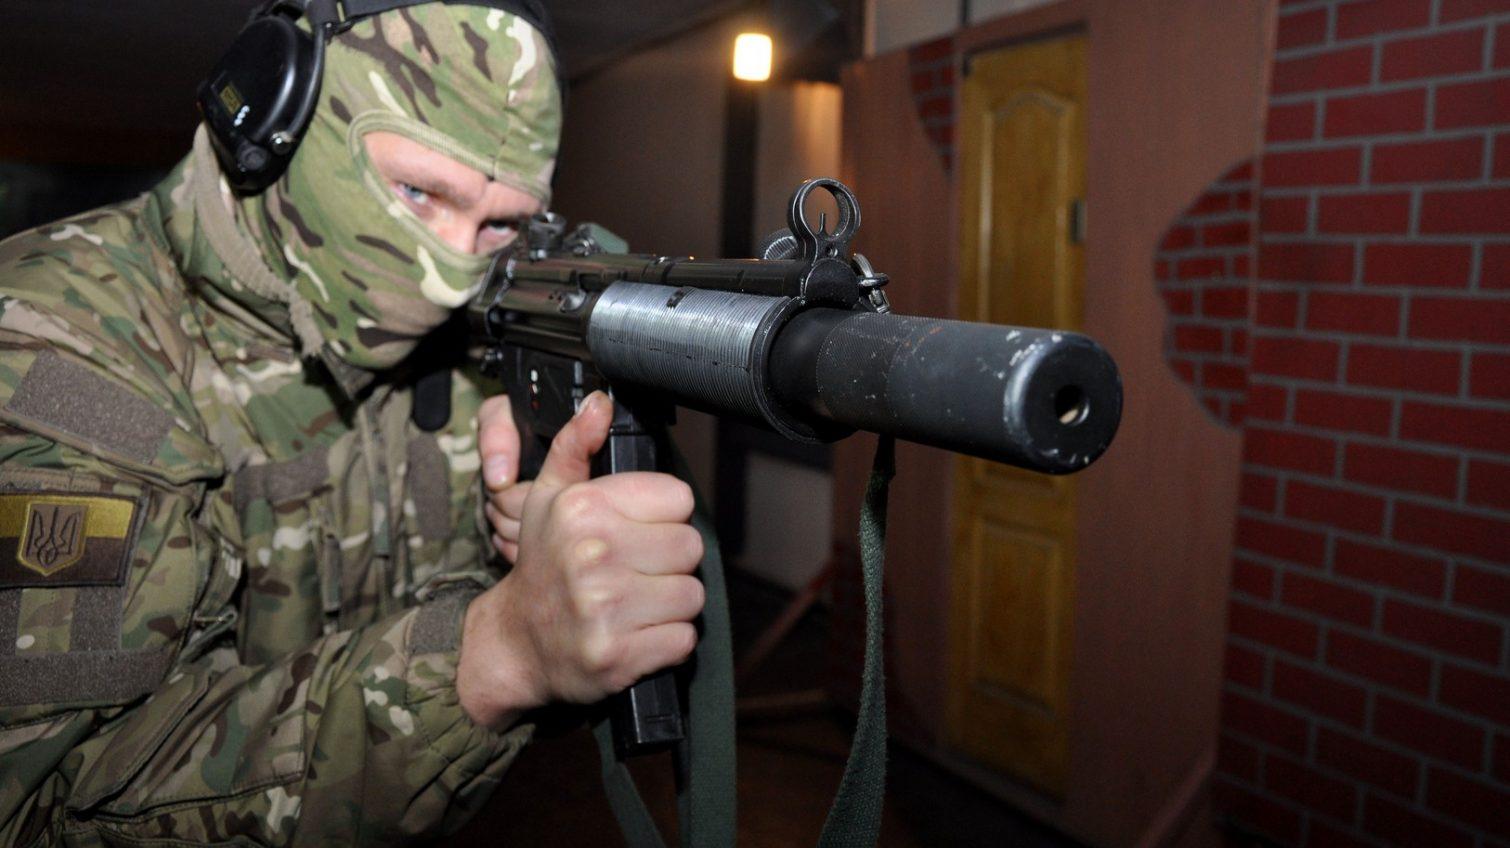 Пистолеты Glock, автоматы МР5: одесские морские пограничники перевооружаются (фото, видео) «фото»